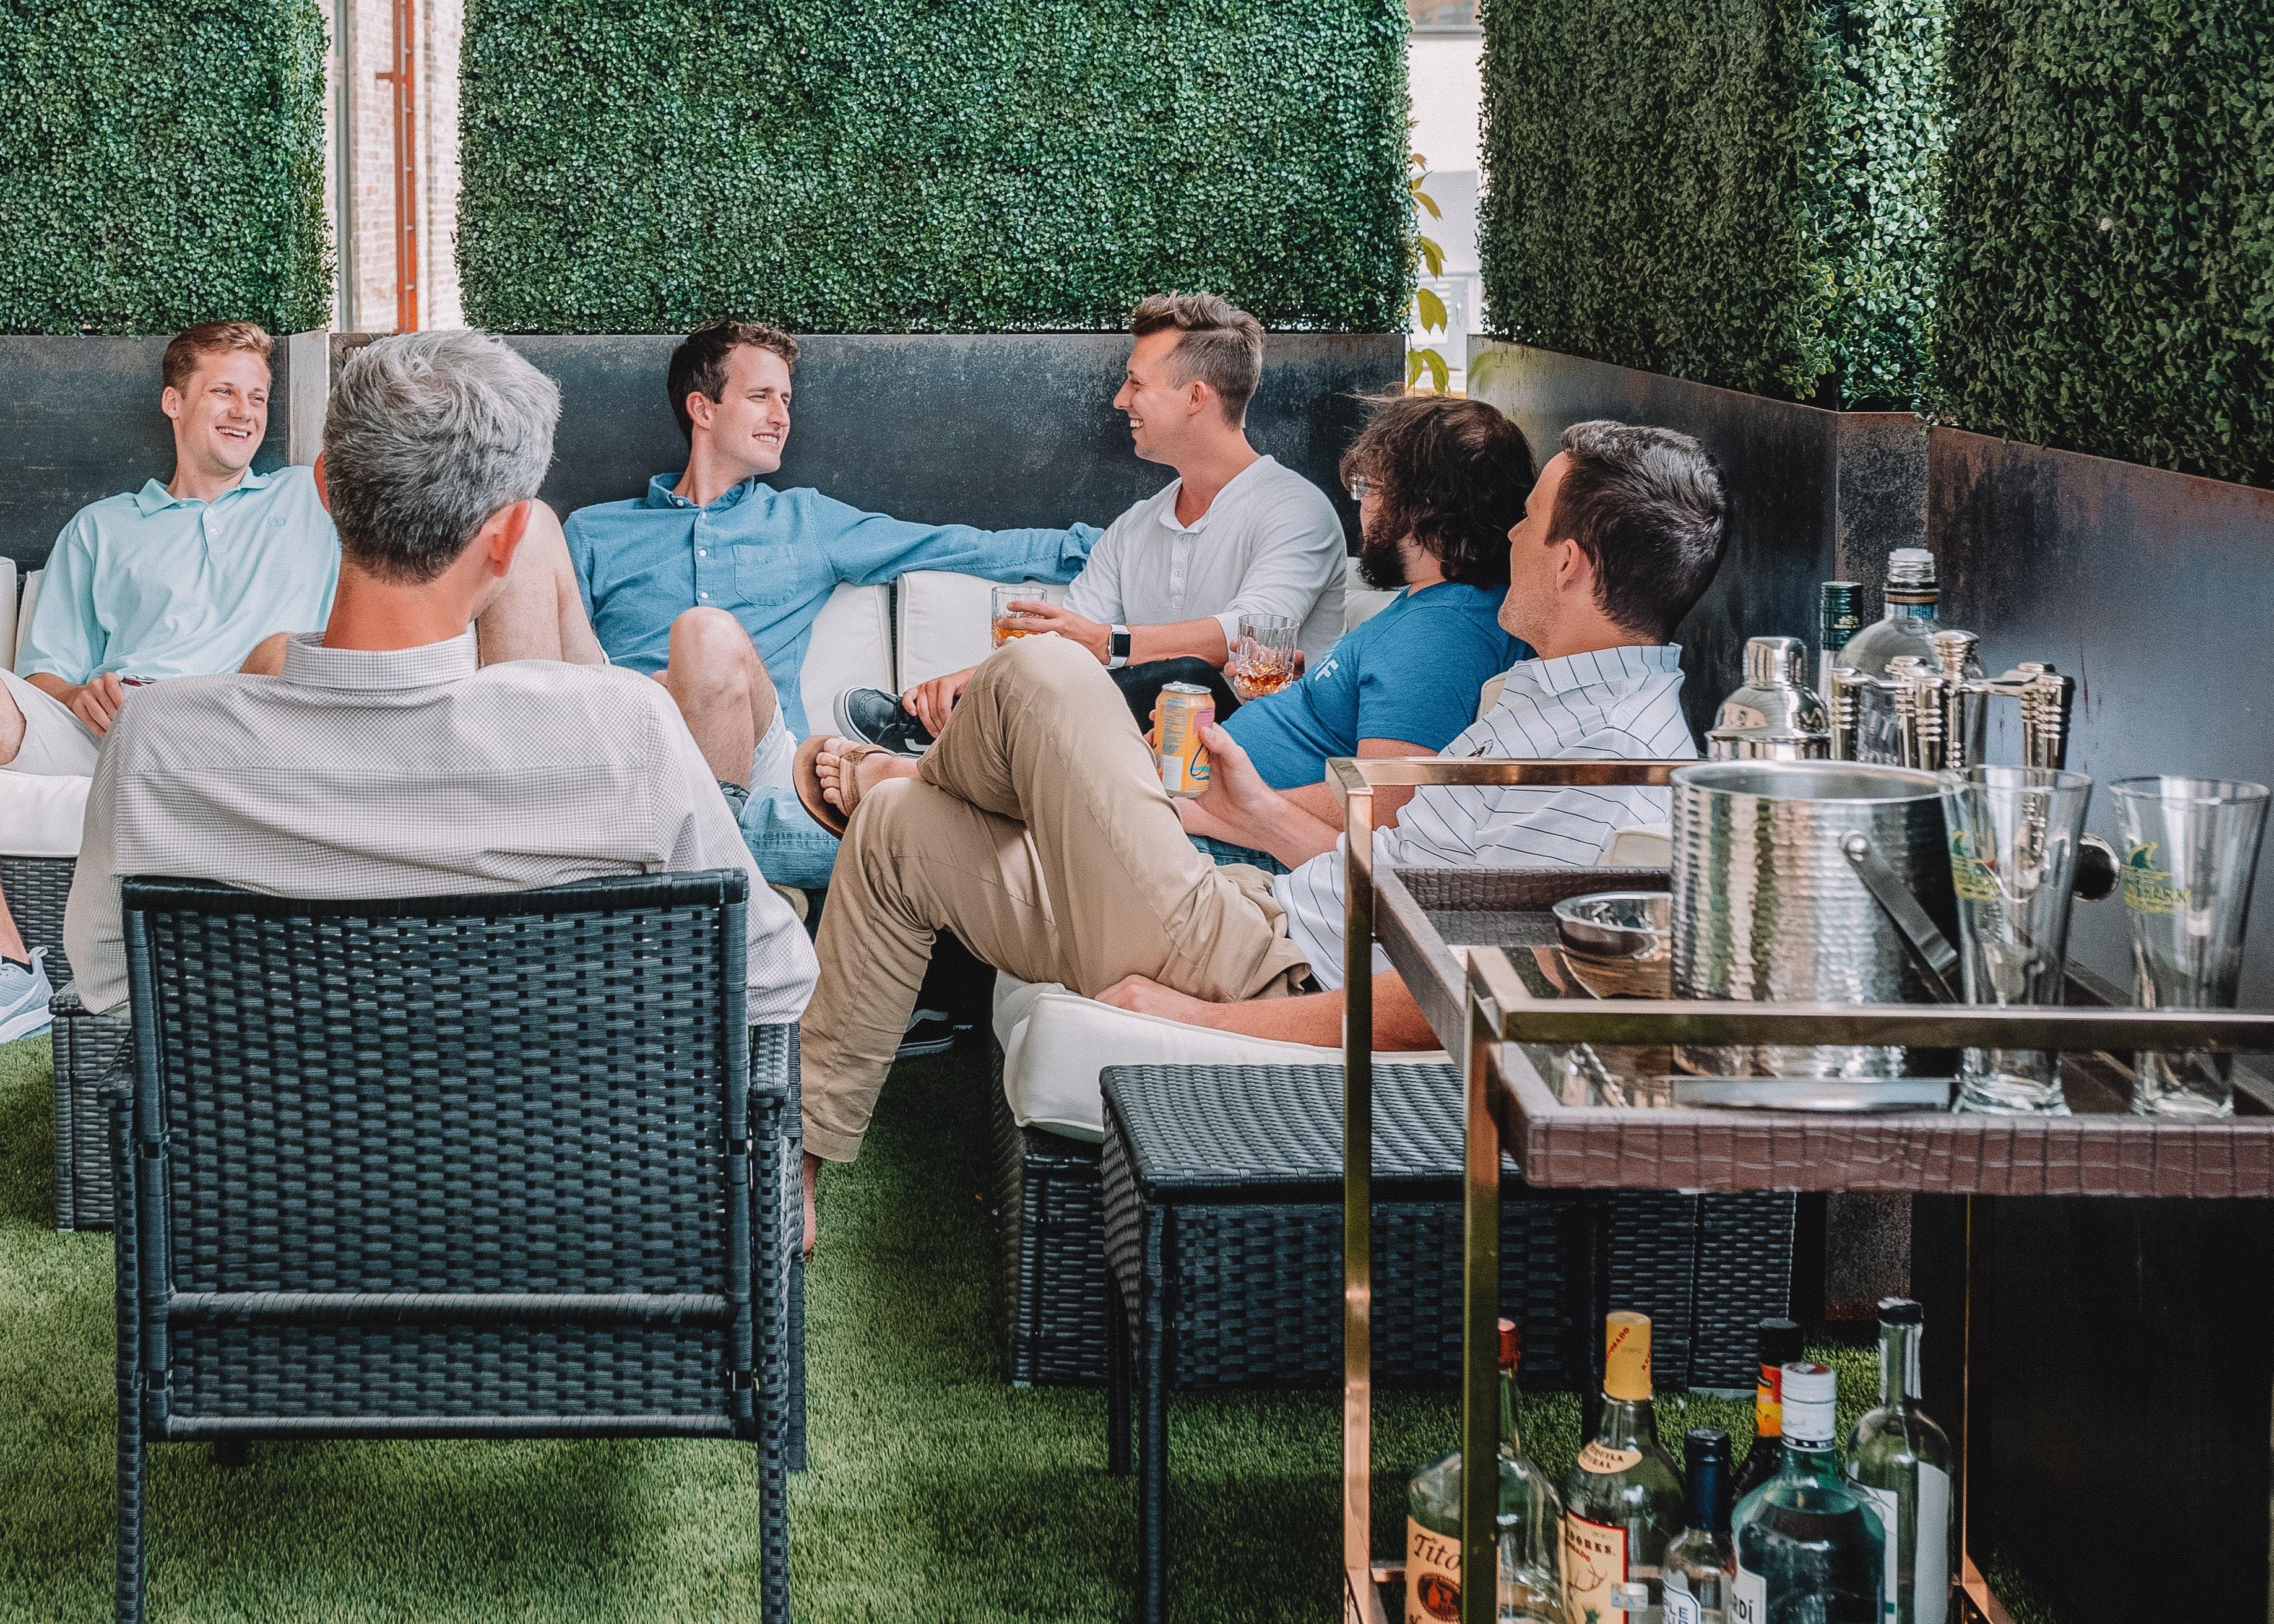 Nuestros cerebros se sincronizan cuando charlamos en grupo. Foto: Austin Distel.